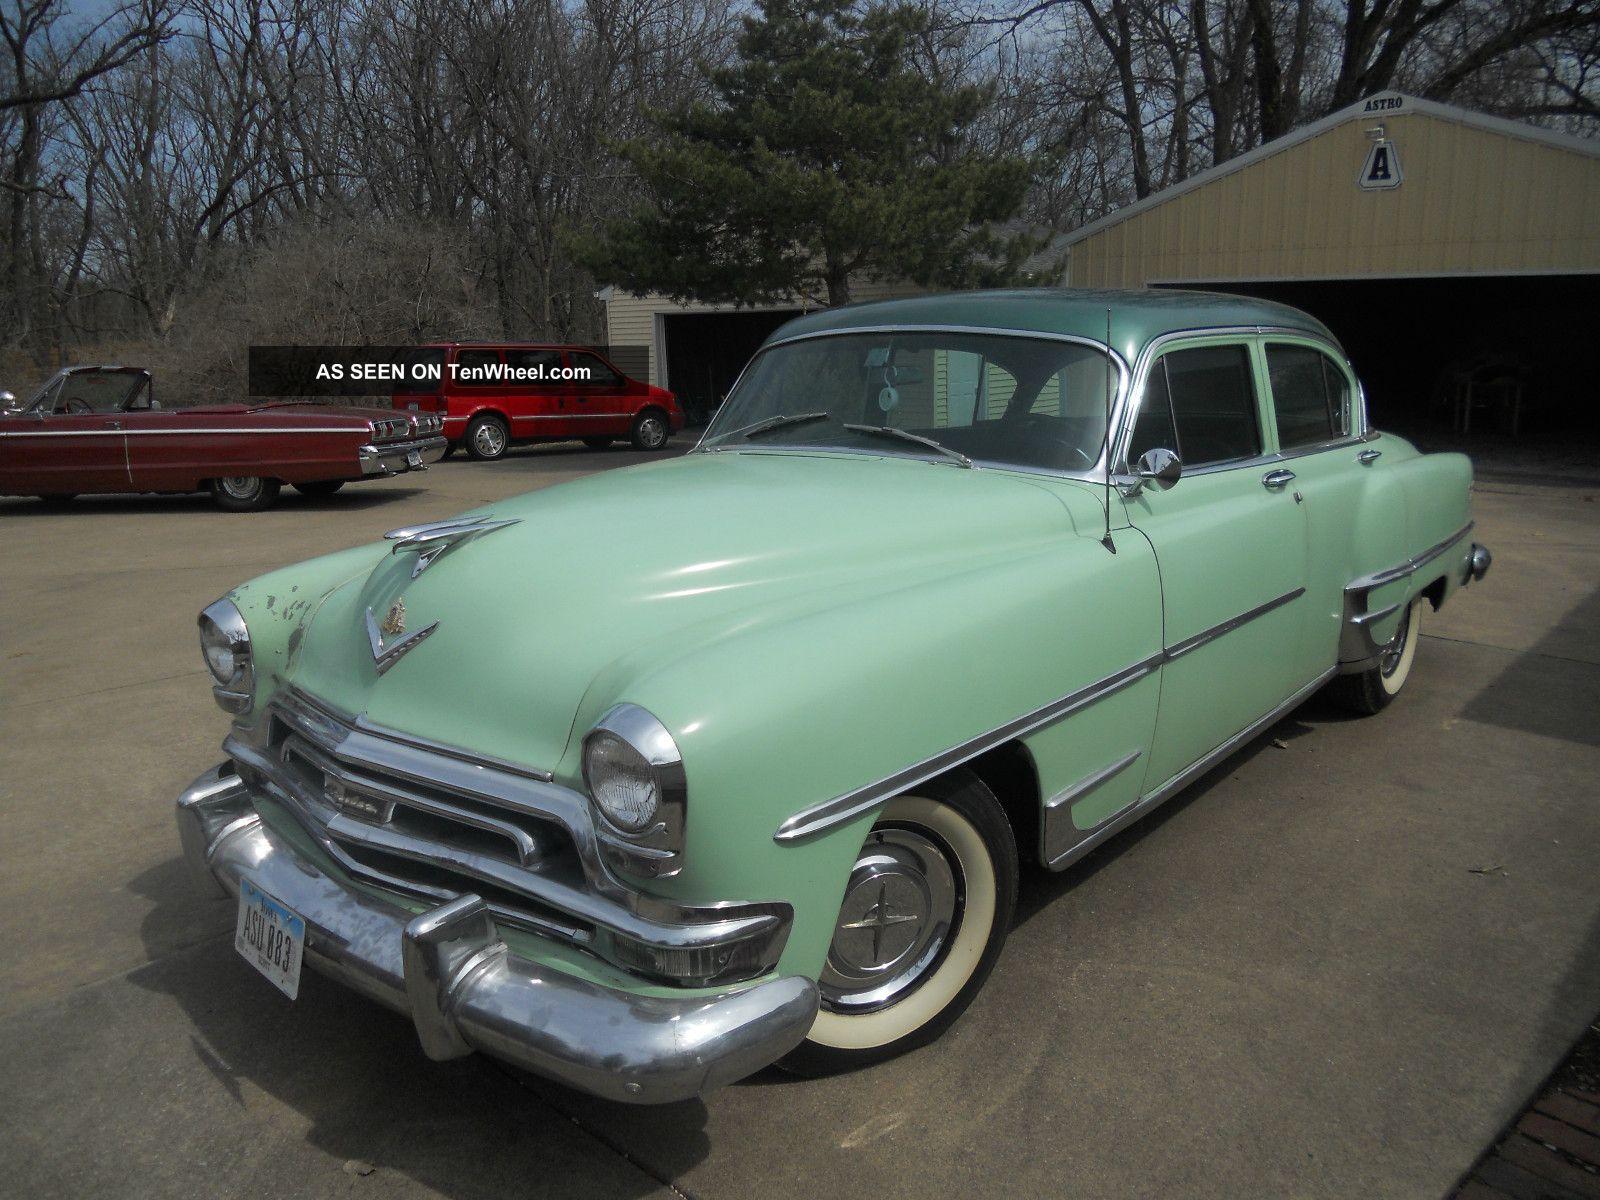 1954 Chrysler Yorker Deluxe New Yorker photo